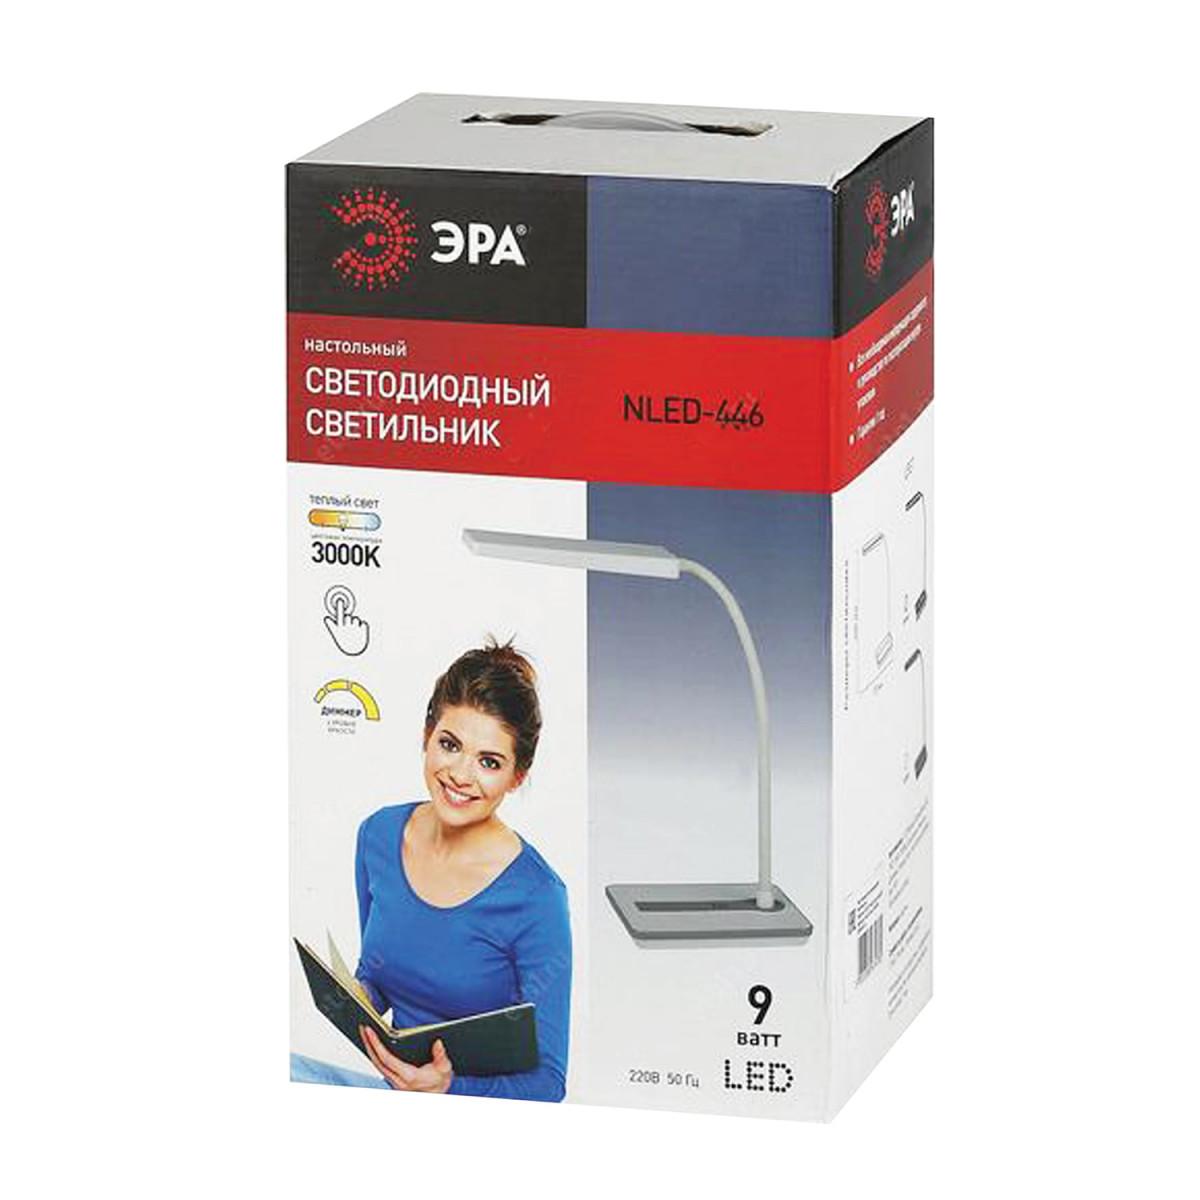 Светильник настольный ЭРА NLED-446, на подставке, светодиодный, сенсорное управление, 9 Вт, черный, NLED-446-9W-BK (арт. NLED-446-9W-BK)